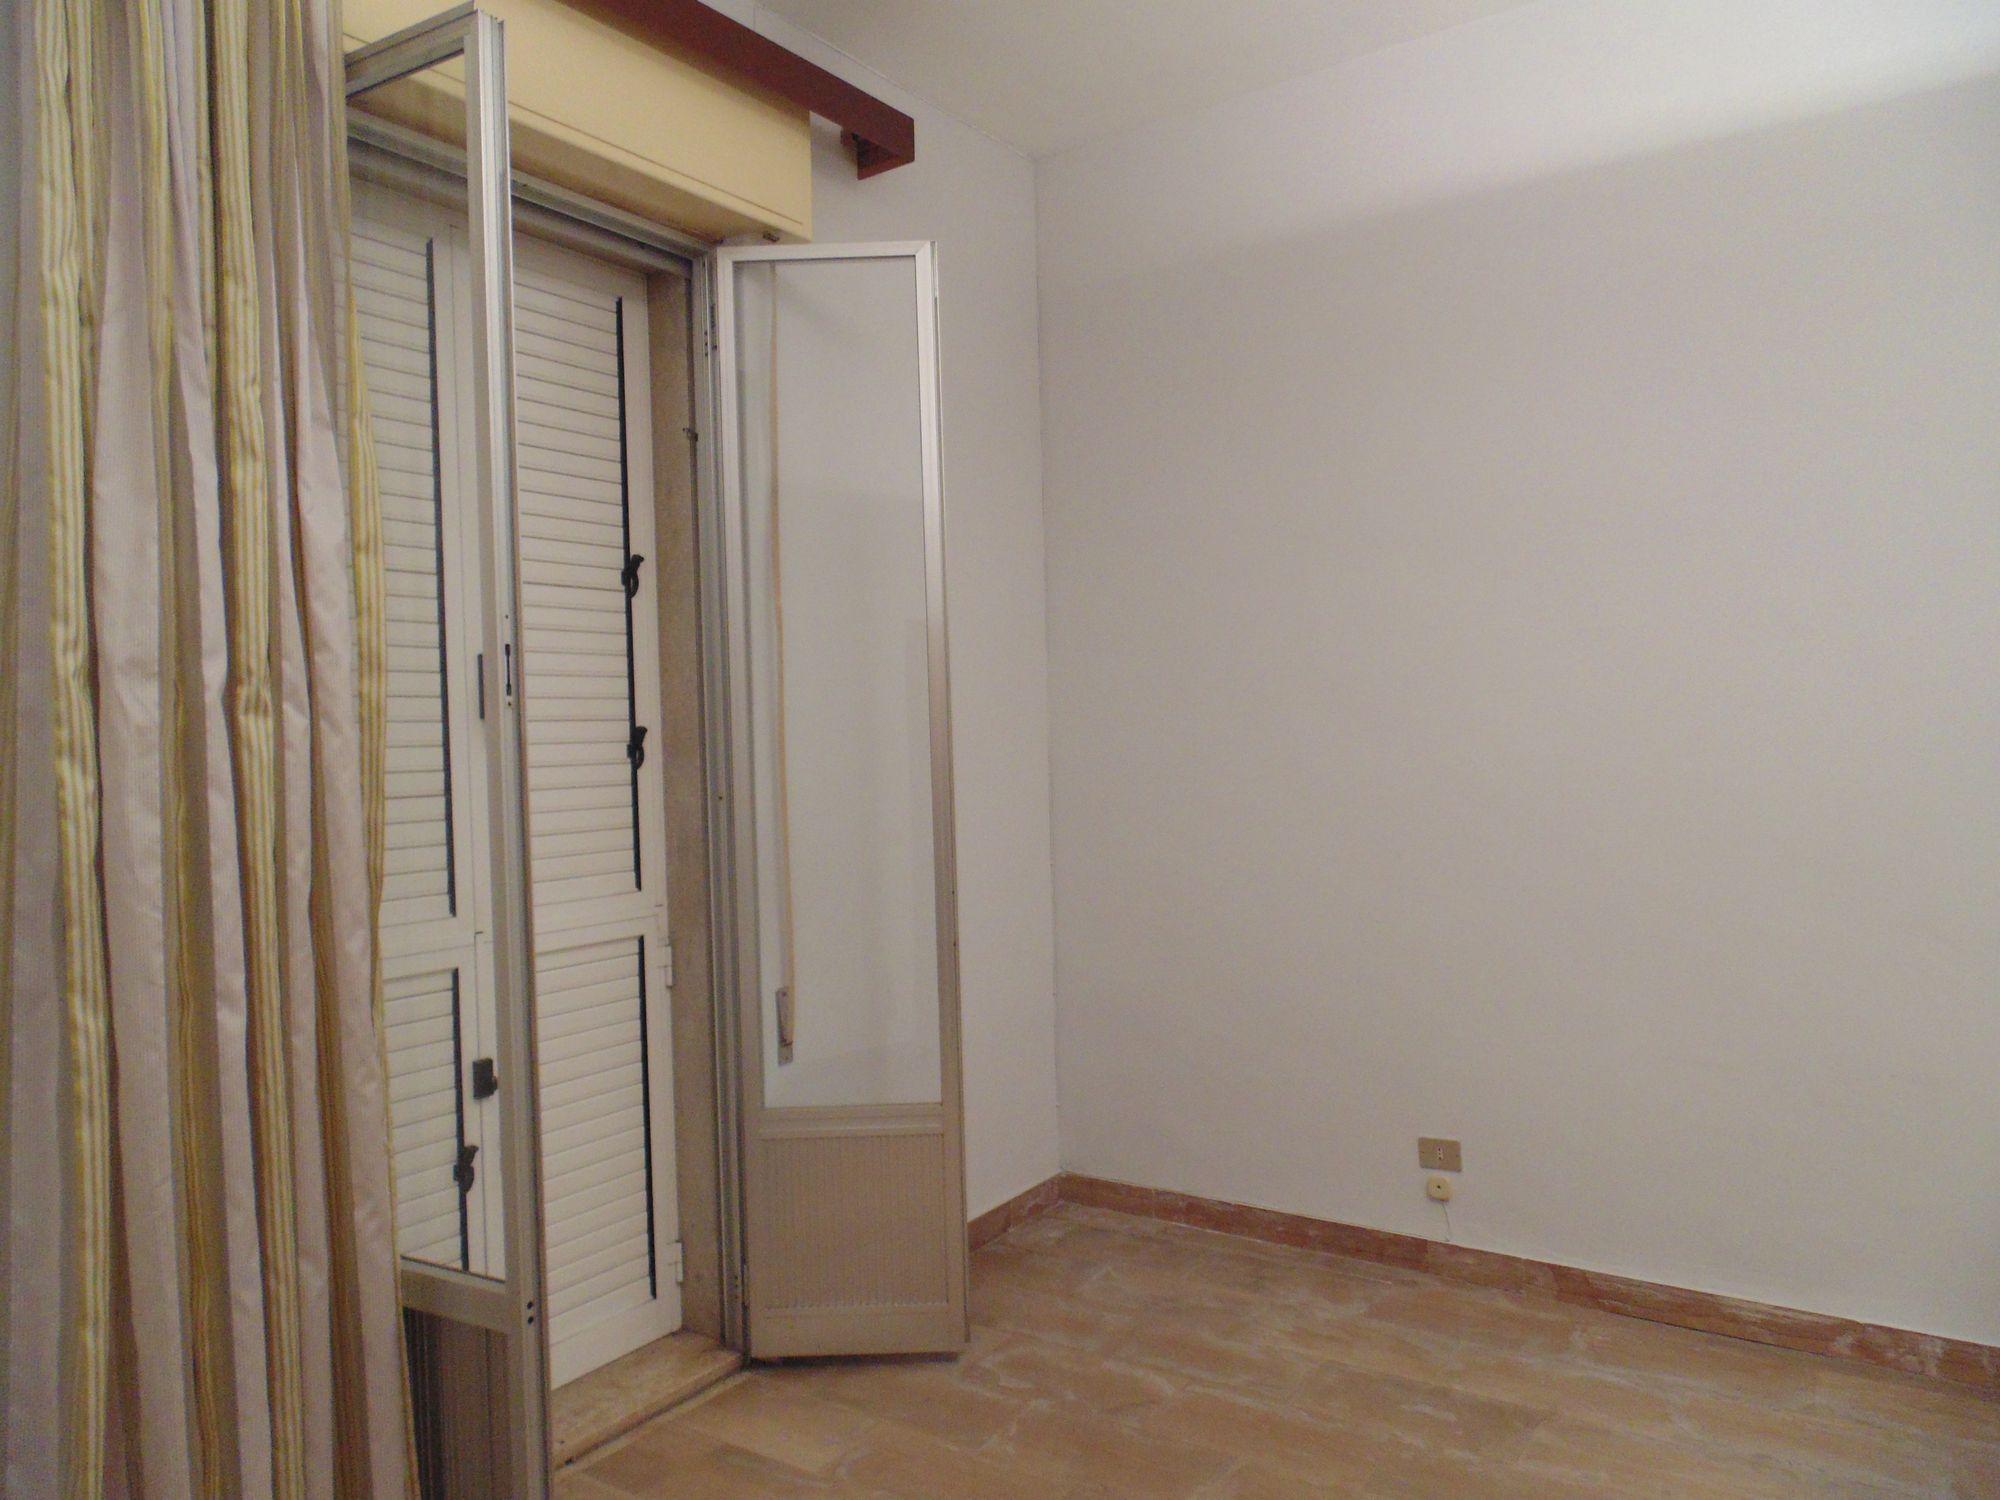 Locale al piano terra in affitto per ufficio, composto da tre stanze e un servizio. Prezzo: € 300,00 al mese.  ...